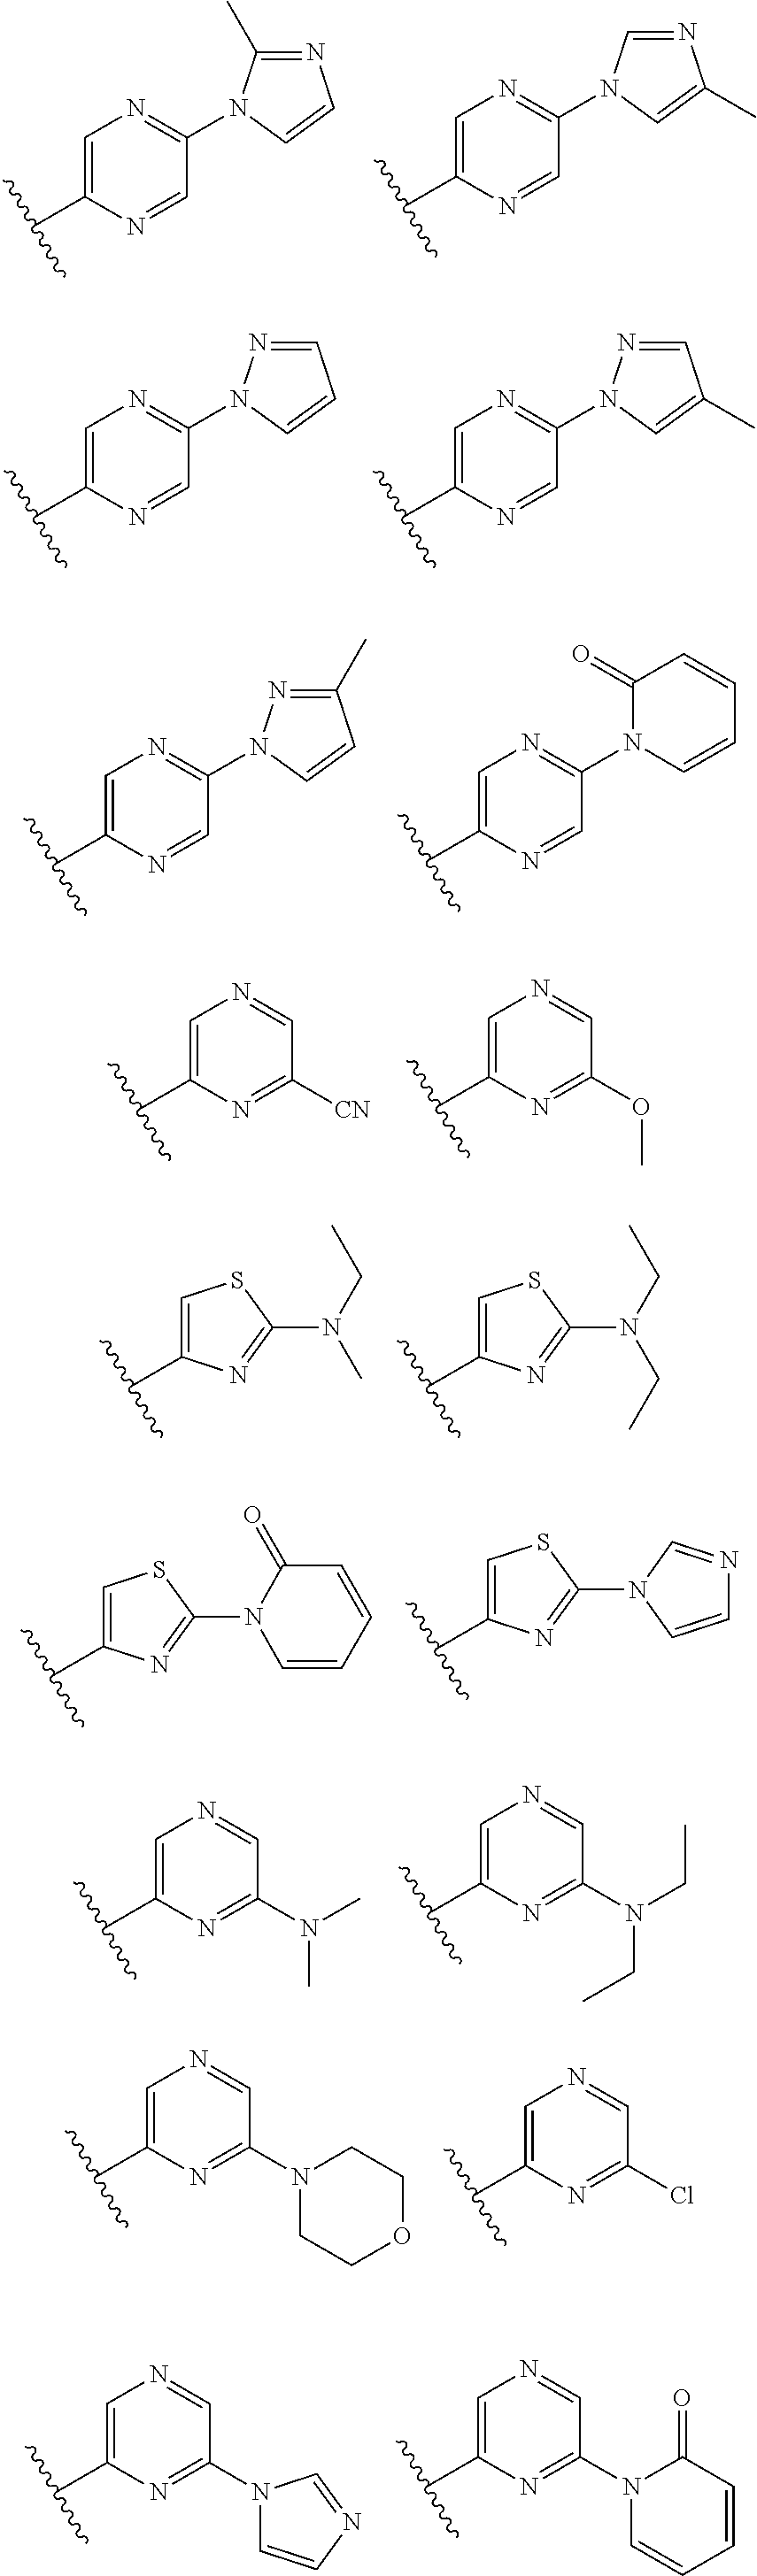 Figure US20110046165A1-20110224-C00028